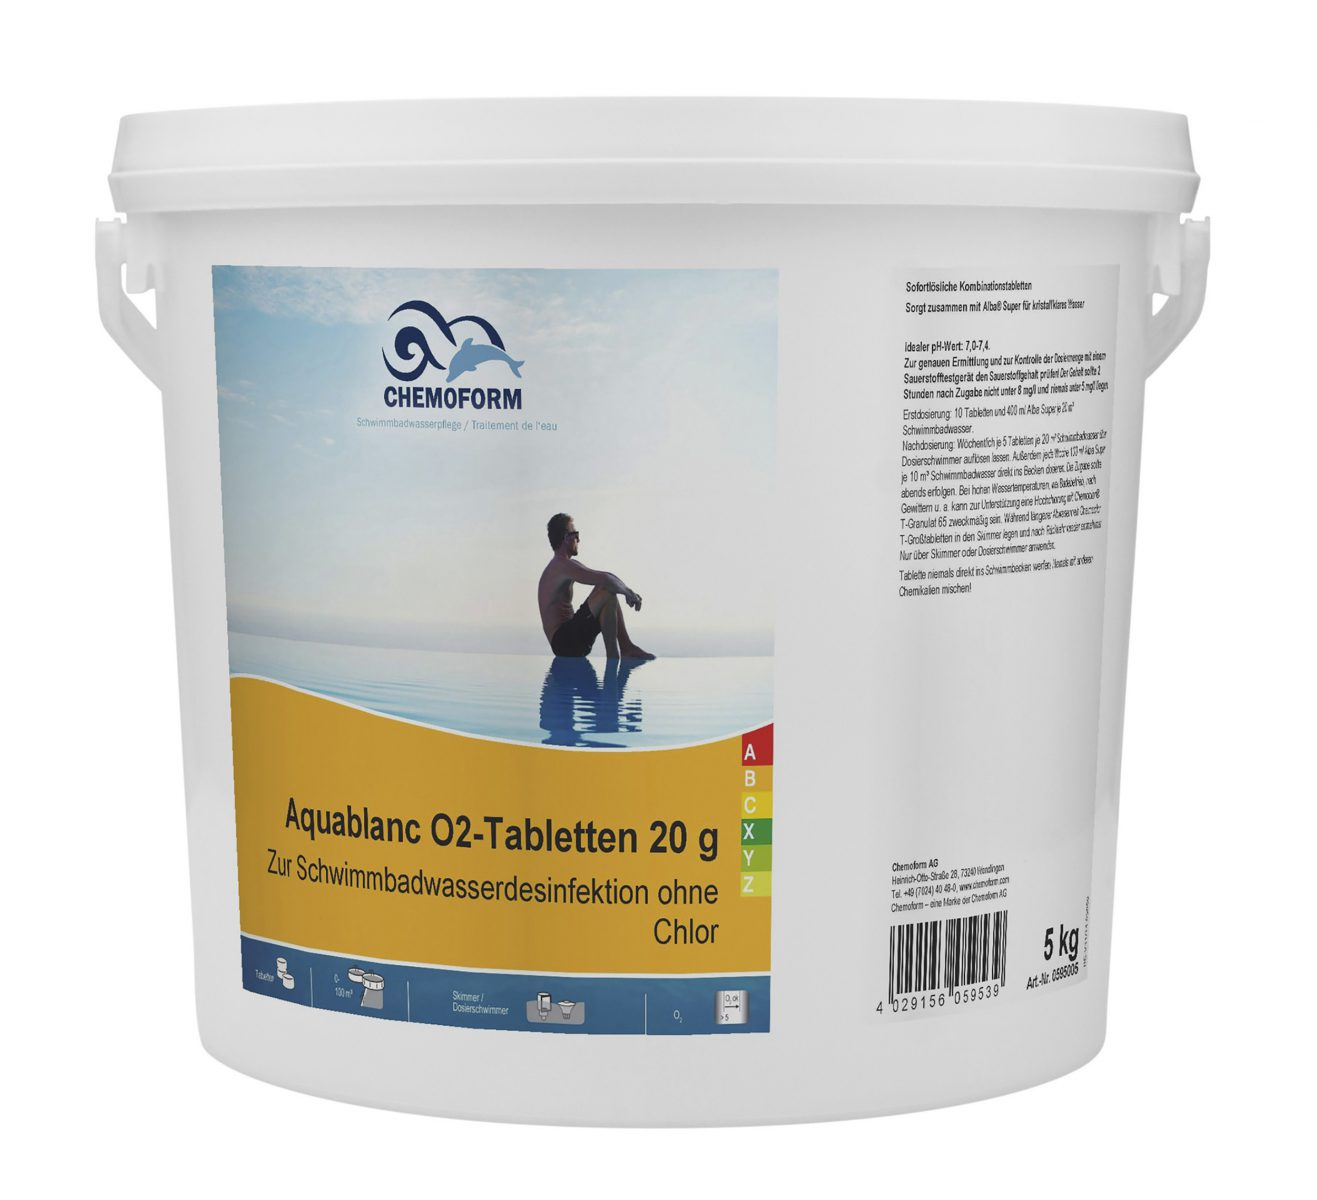 Активный кислород в таблетках для дезинфекции воды в бассейнах Аквабланк О2 (20 г), 5 кг